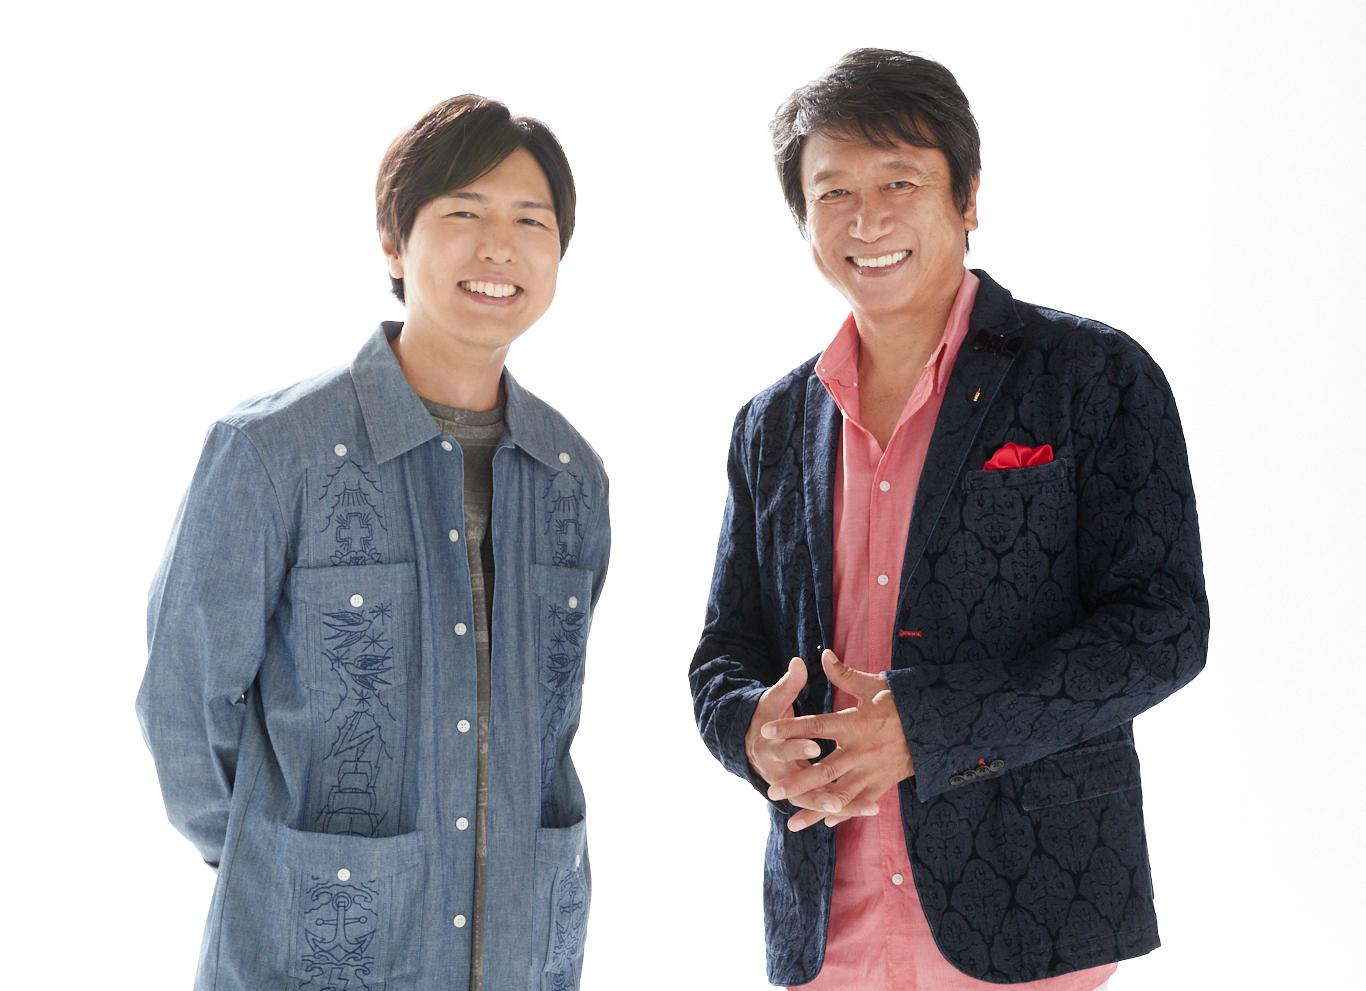 「役者は、一生偉くなっちゃいけない職業」神谷浩史と井上和彦から学ぶ、柔軟な生き方